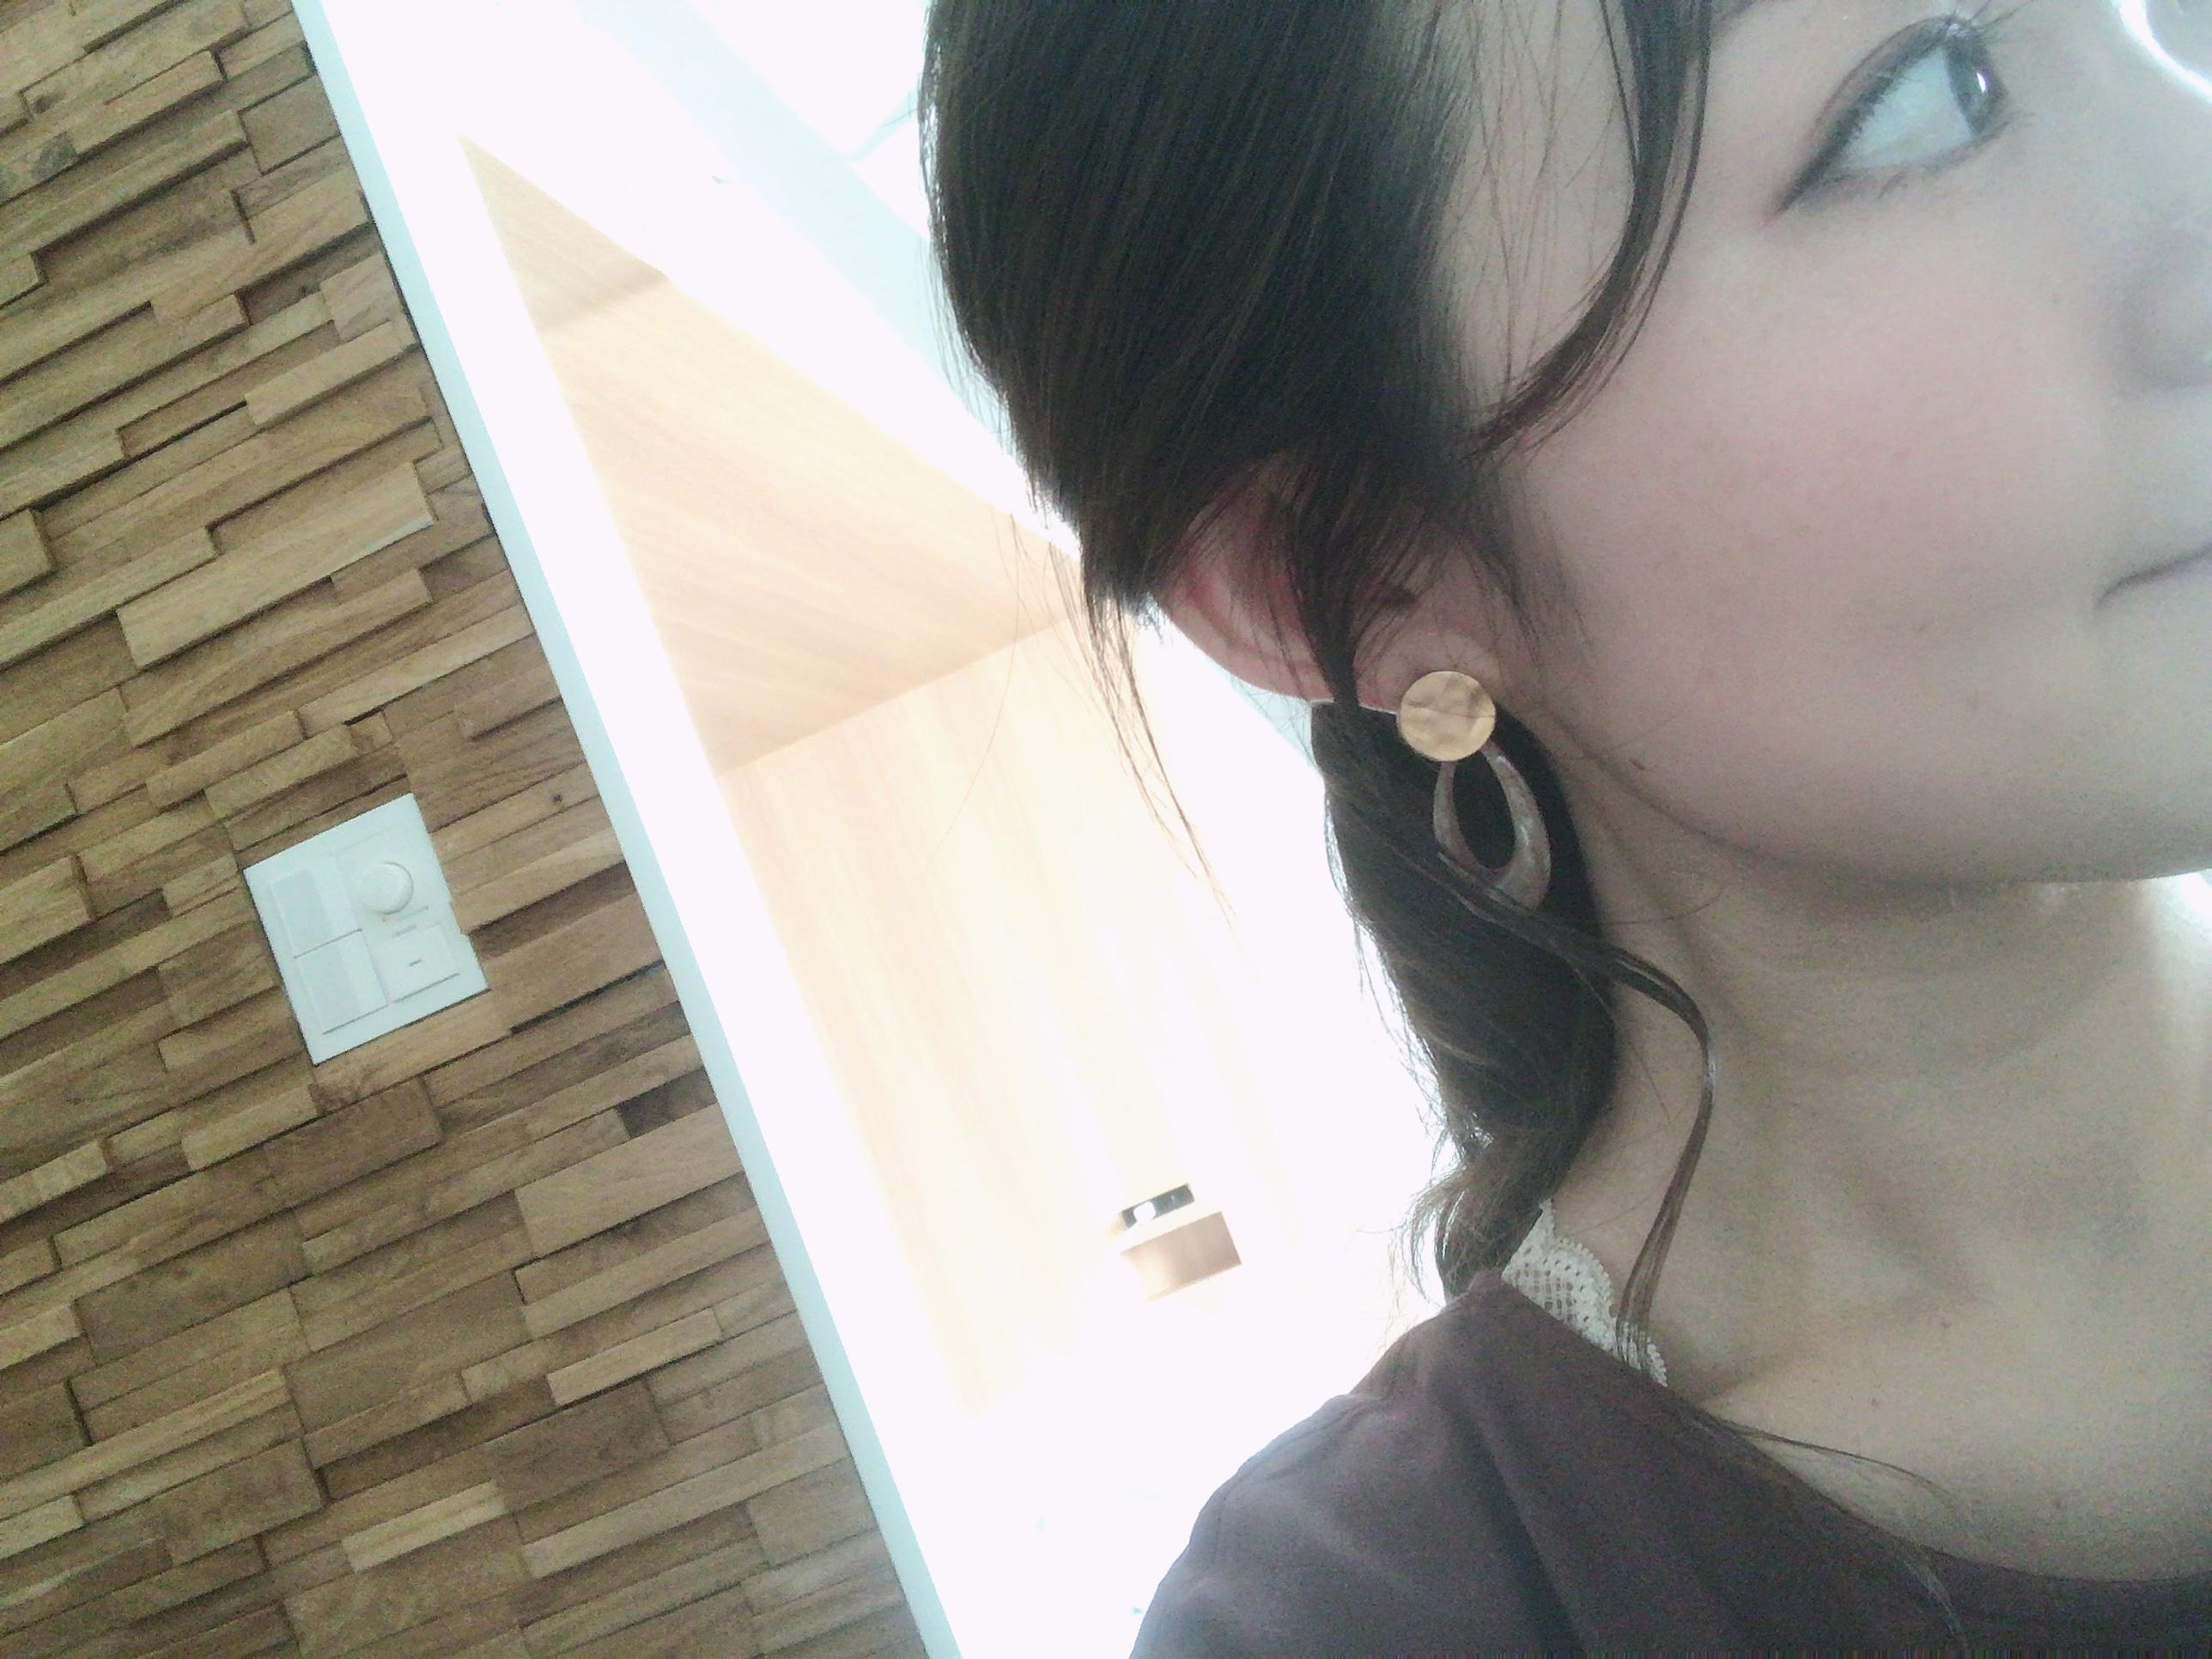 【Jolie Toujours】 のNEWピアス♡_5